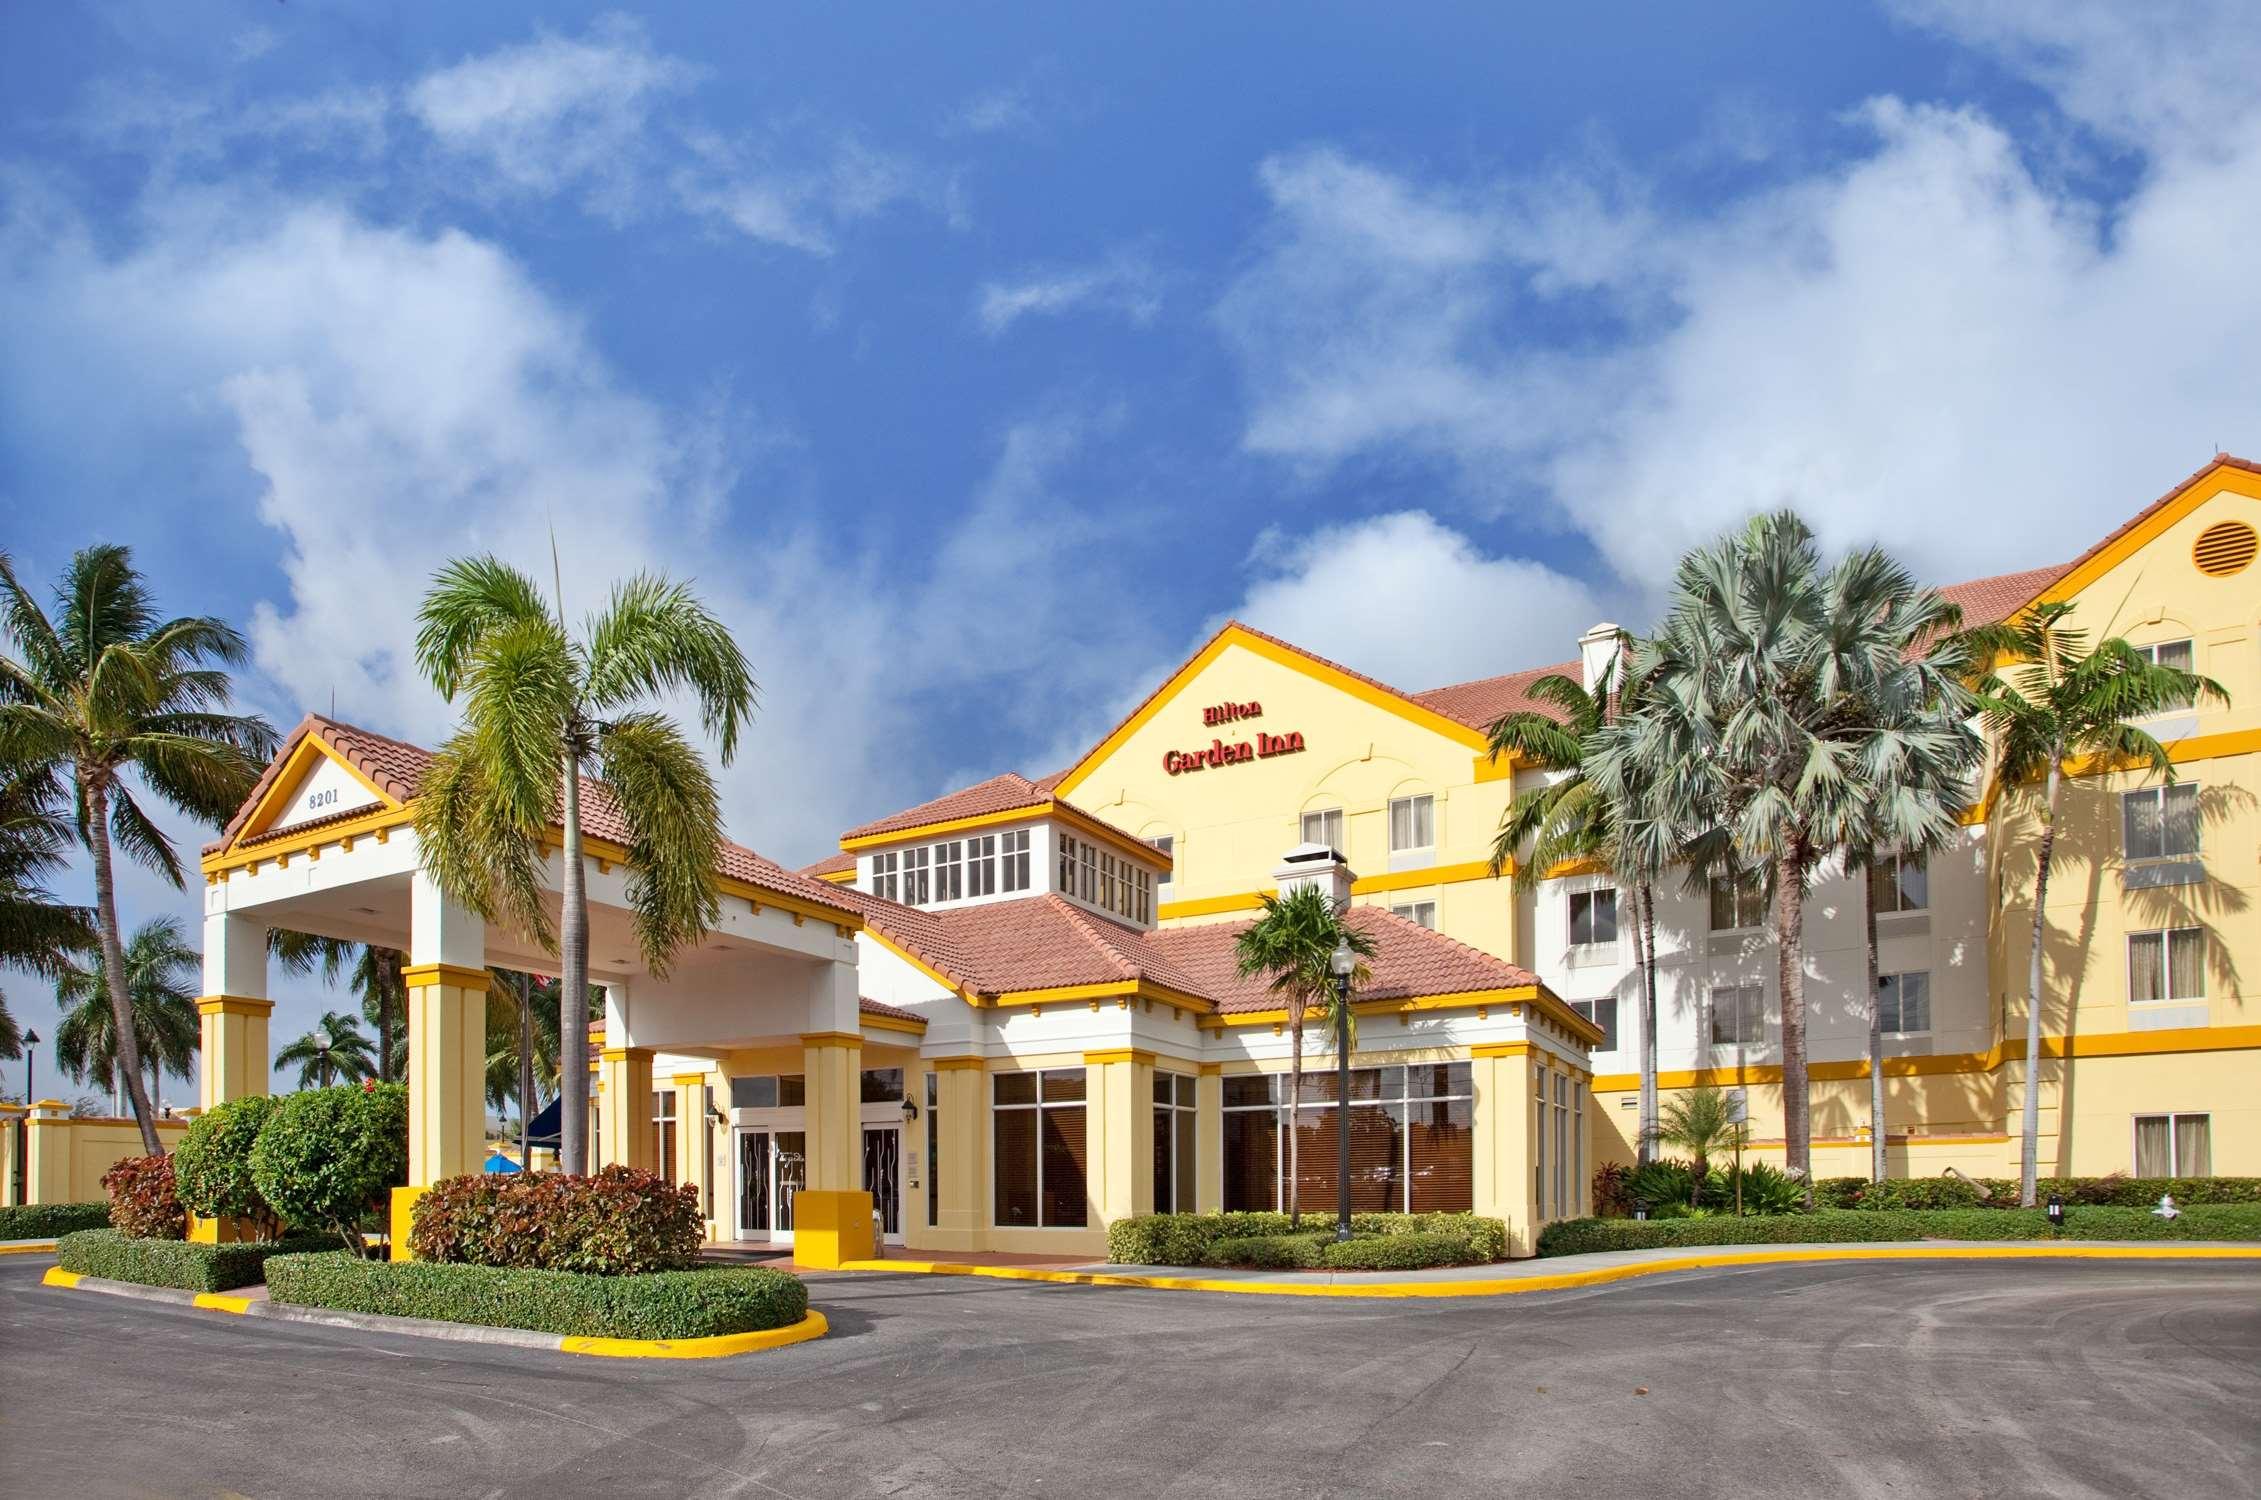 Hilton Garden Inn Boca Raton image 4